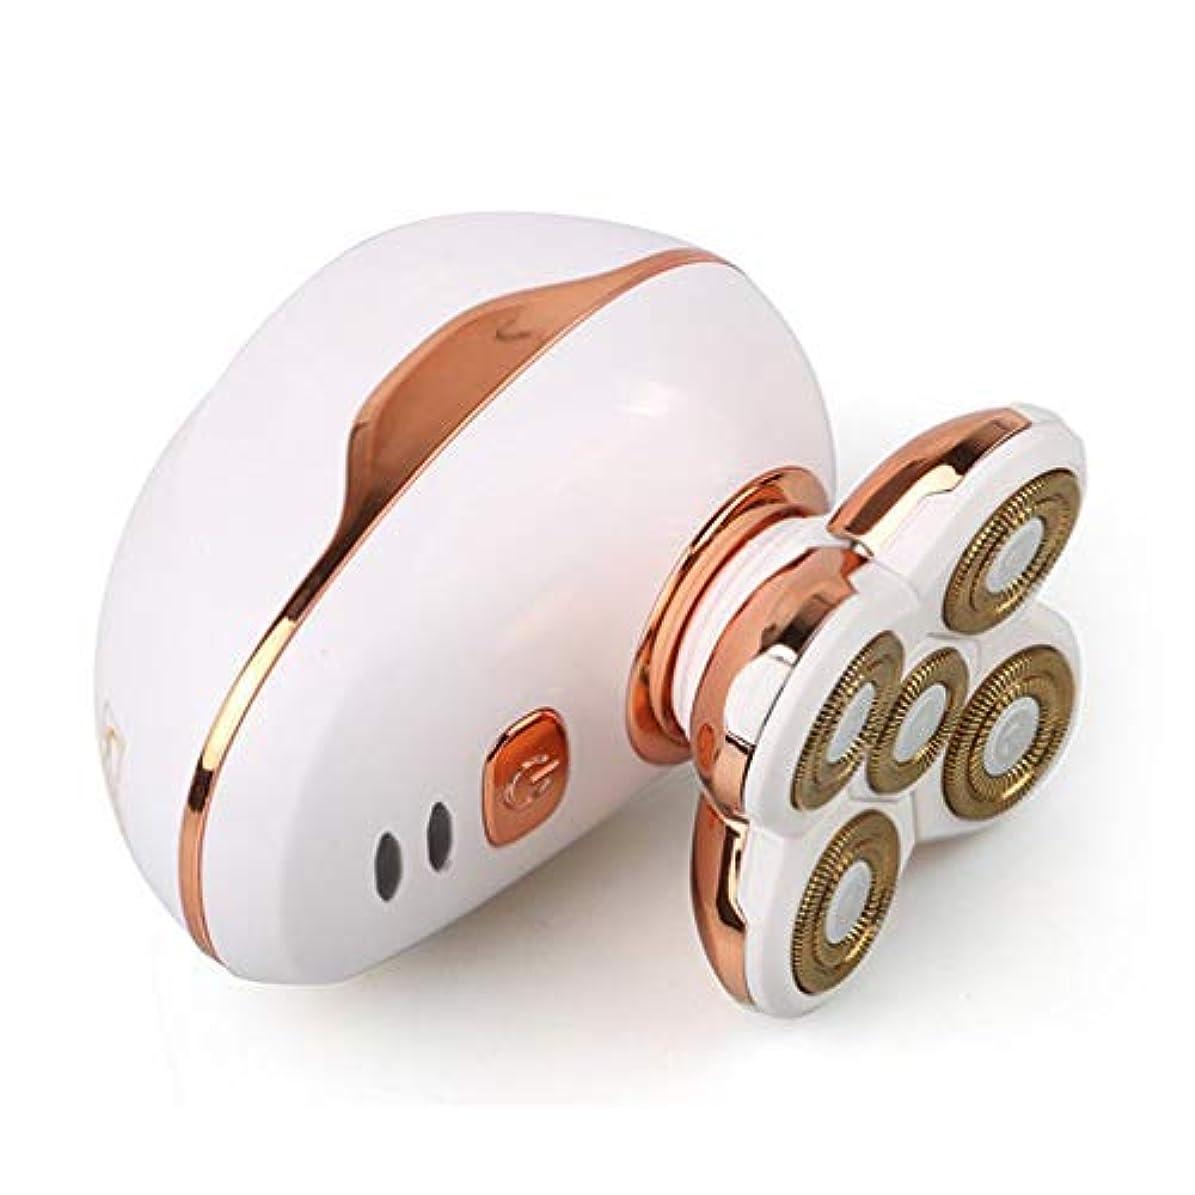 一杯経度慎重耐久性のある一般的な5頭防水シェービング刃カミソリ電気シェーバー用USB充電式ウェットドライポータブル